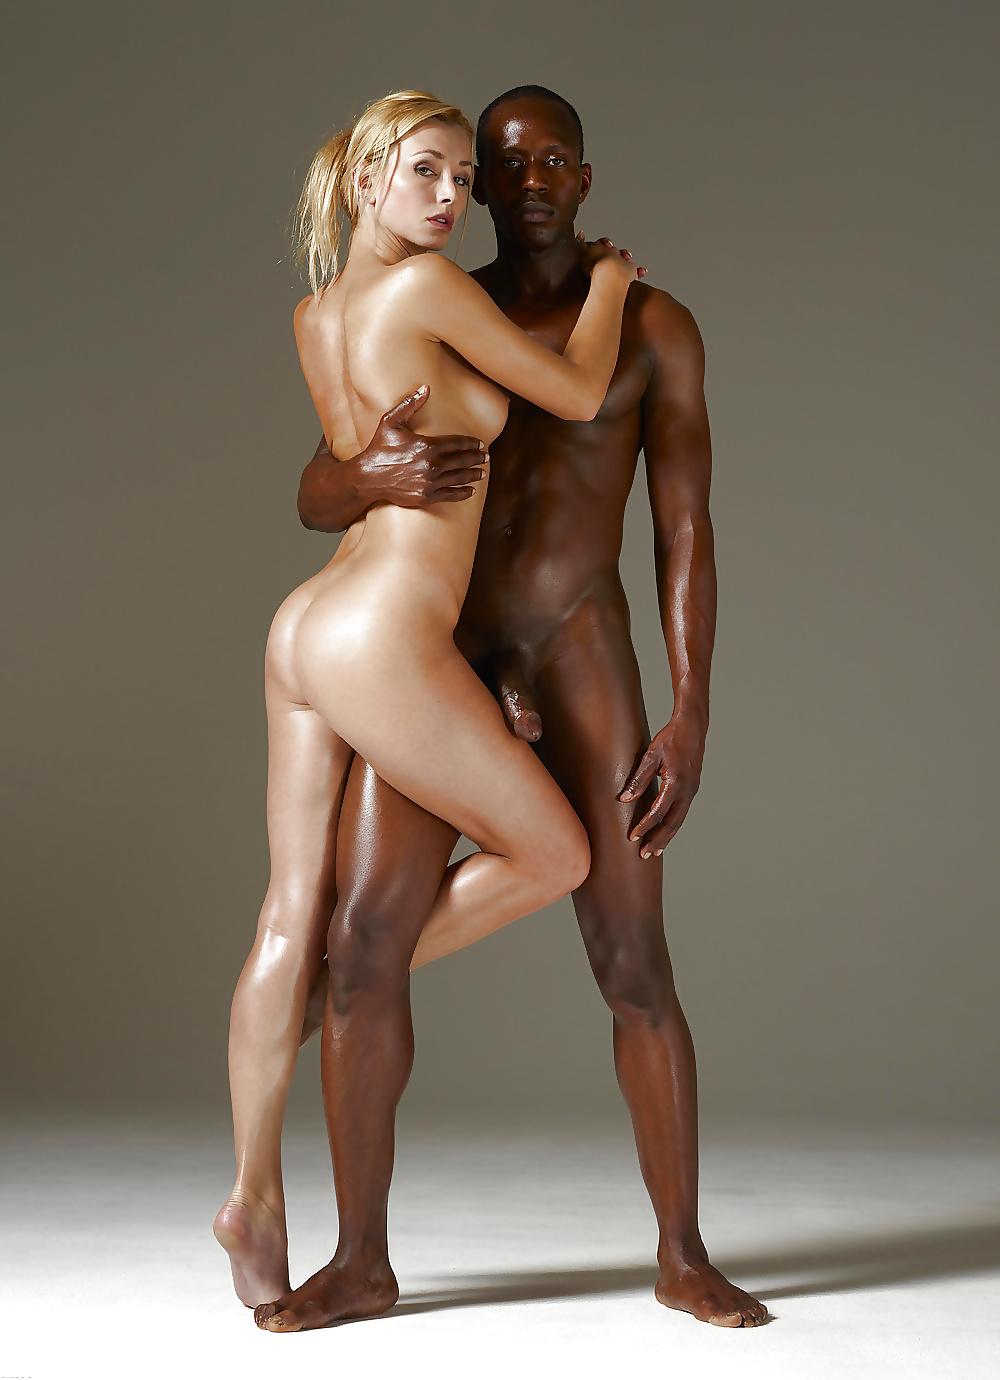 interracial-artistic